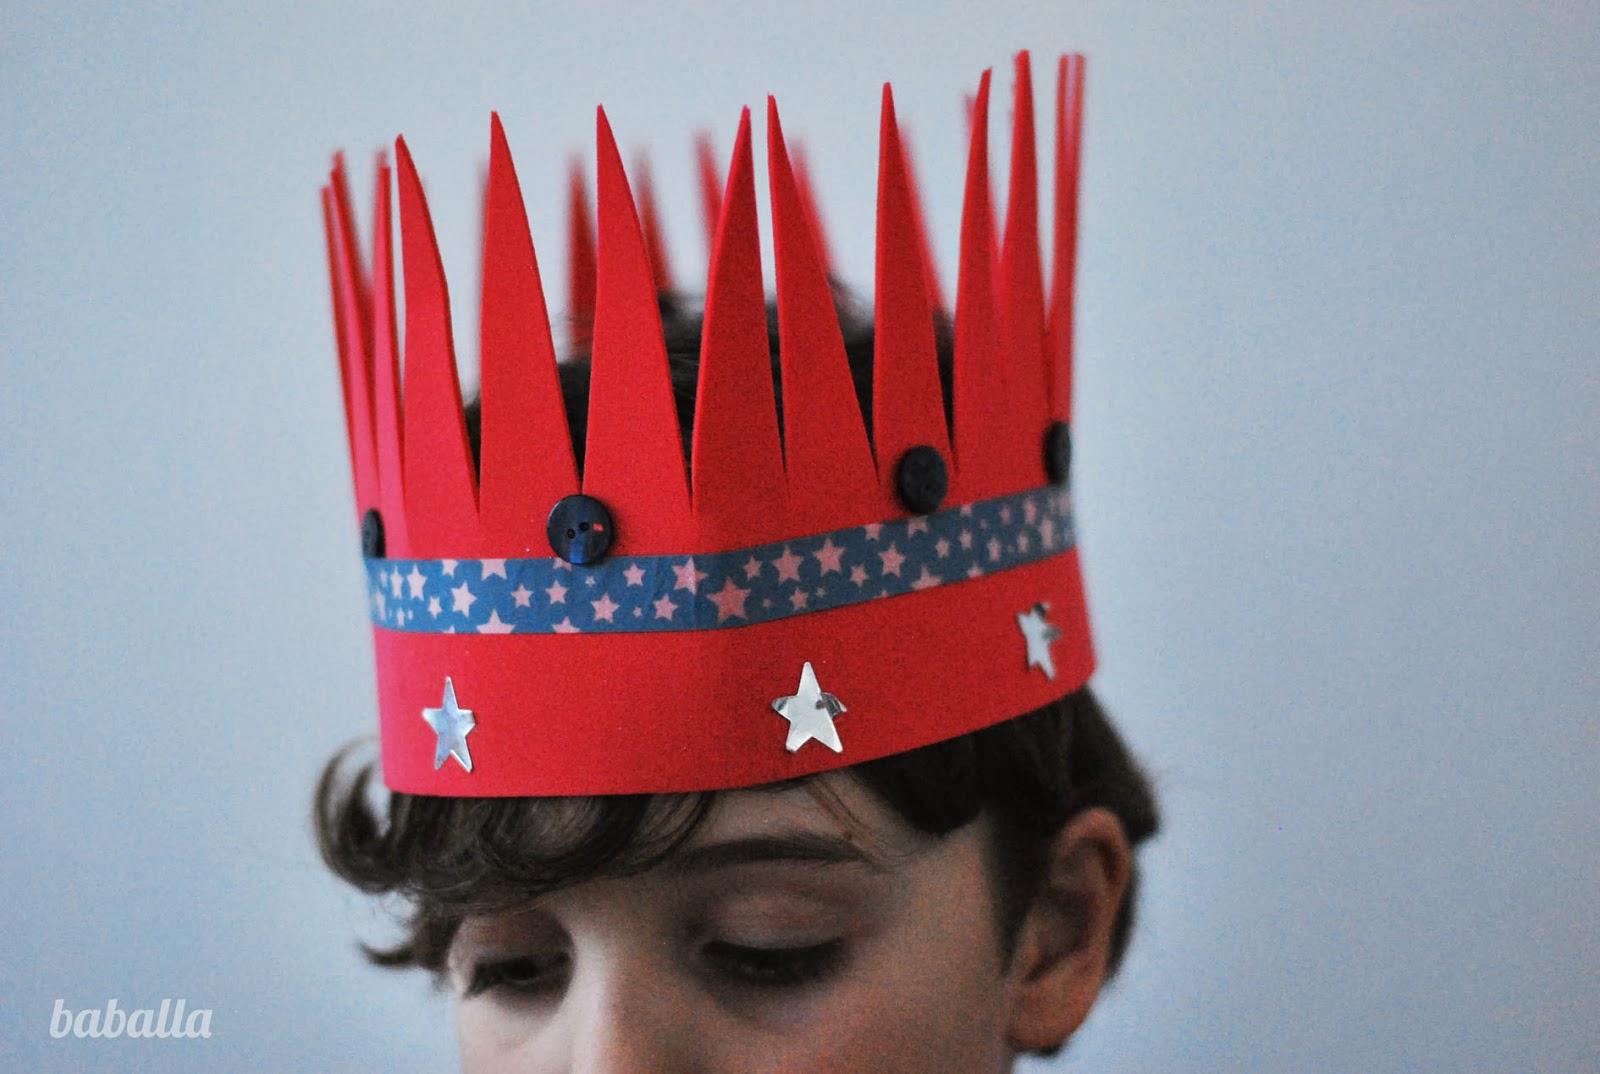 manualidades con niños: coranas para reinas y reyes - Baballa un ...